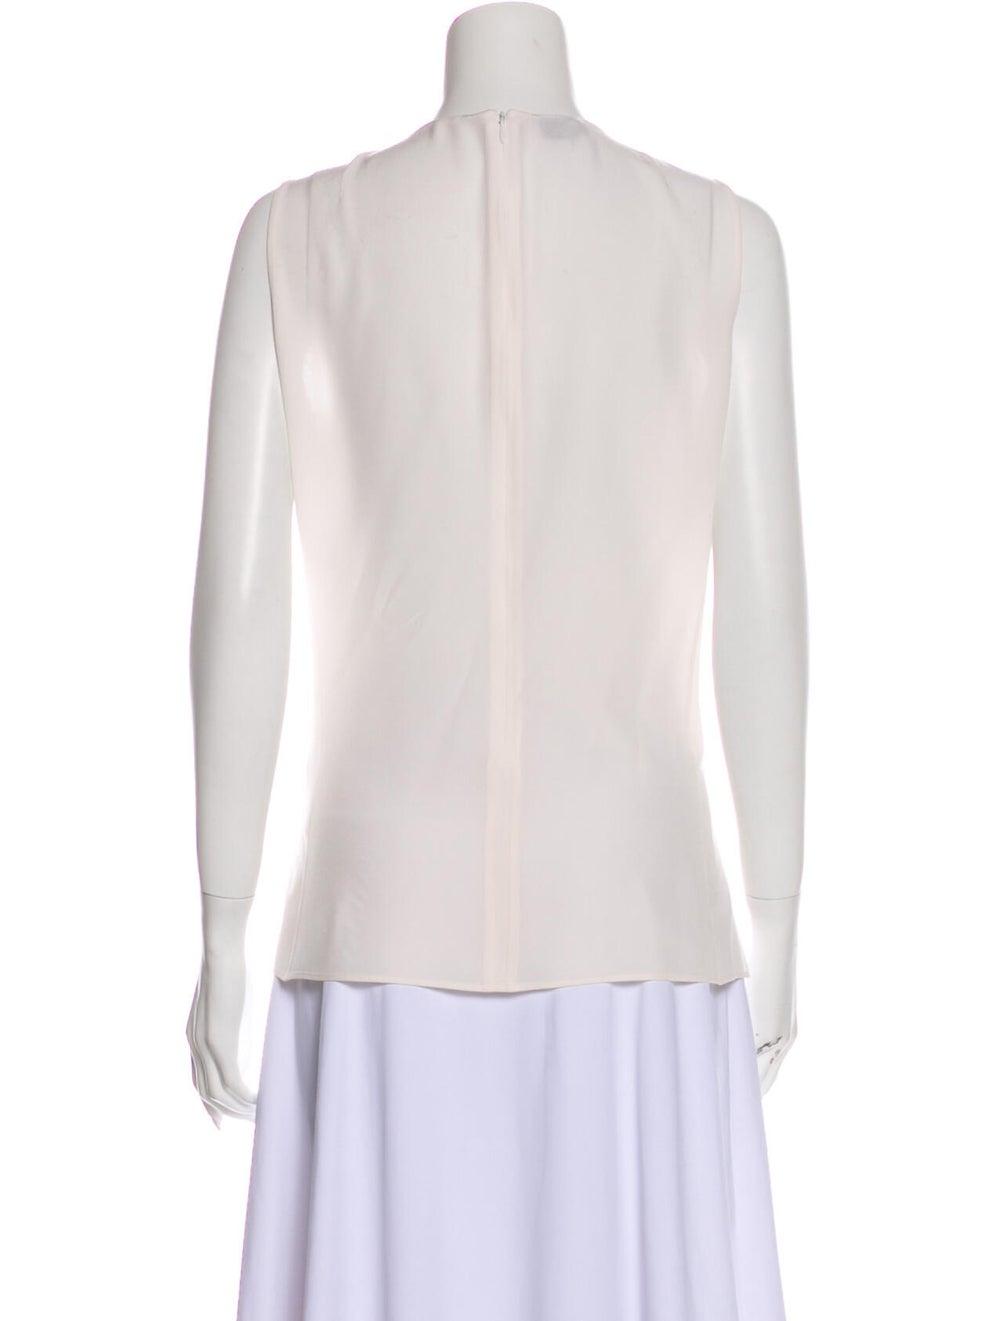 Akris Silk Lace Pattern Top White - image 3